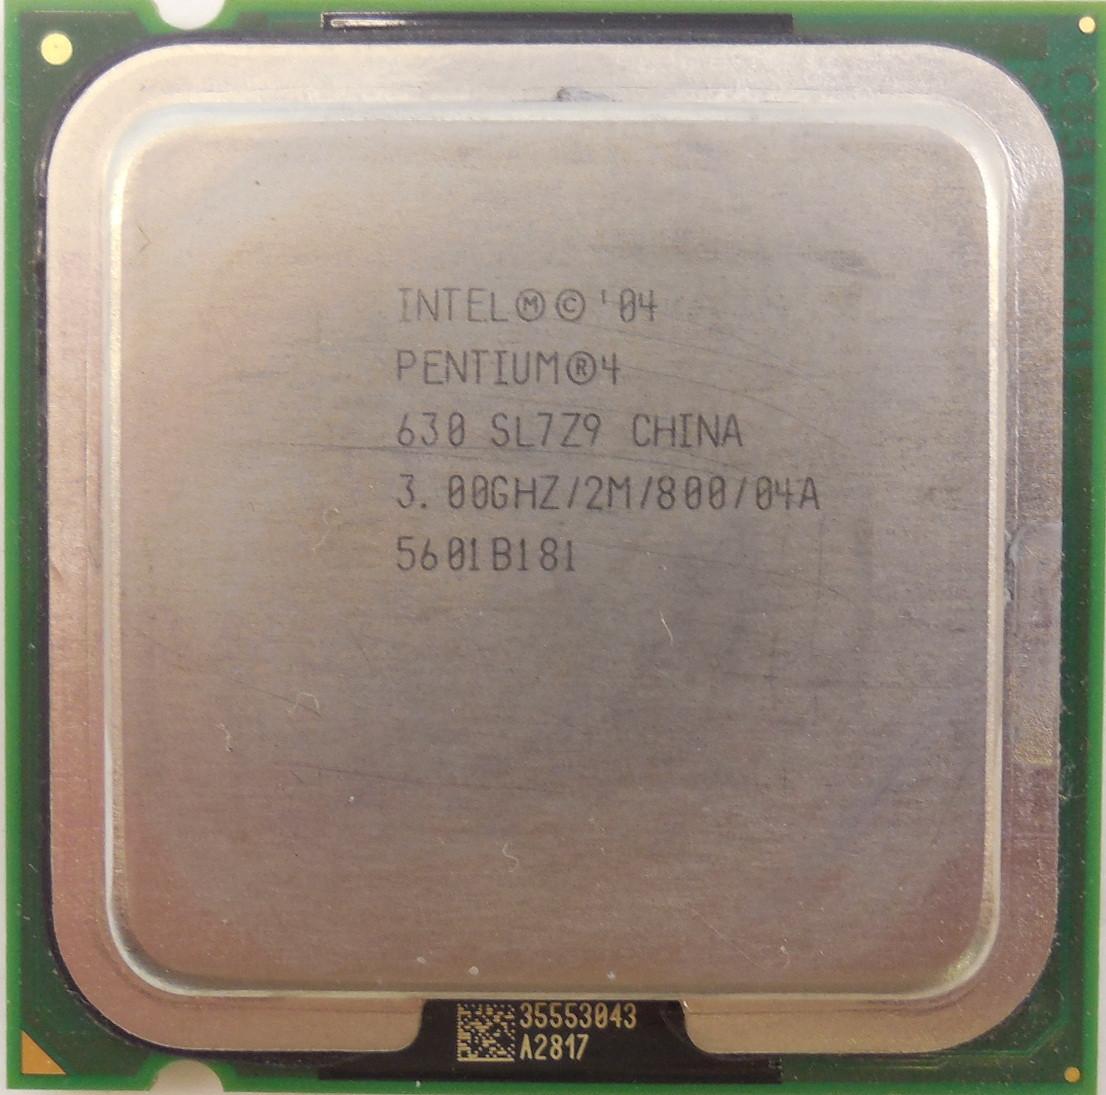 Процессор Intel Pentium 4 630 3.00GHz/2M/800 (SL7Z9) s775, tray